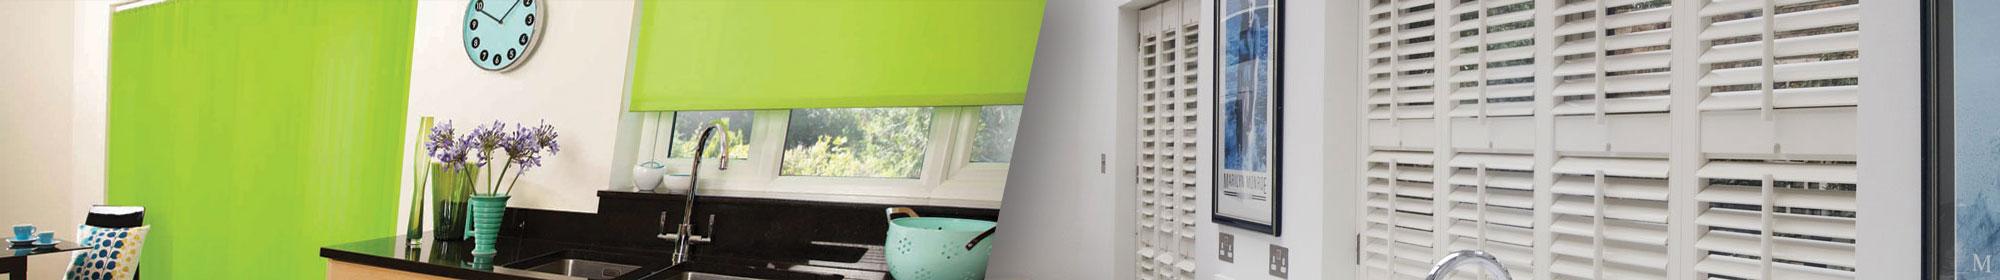 marla custom blinds banner